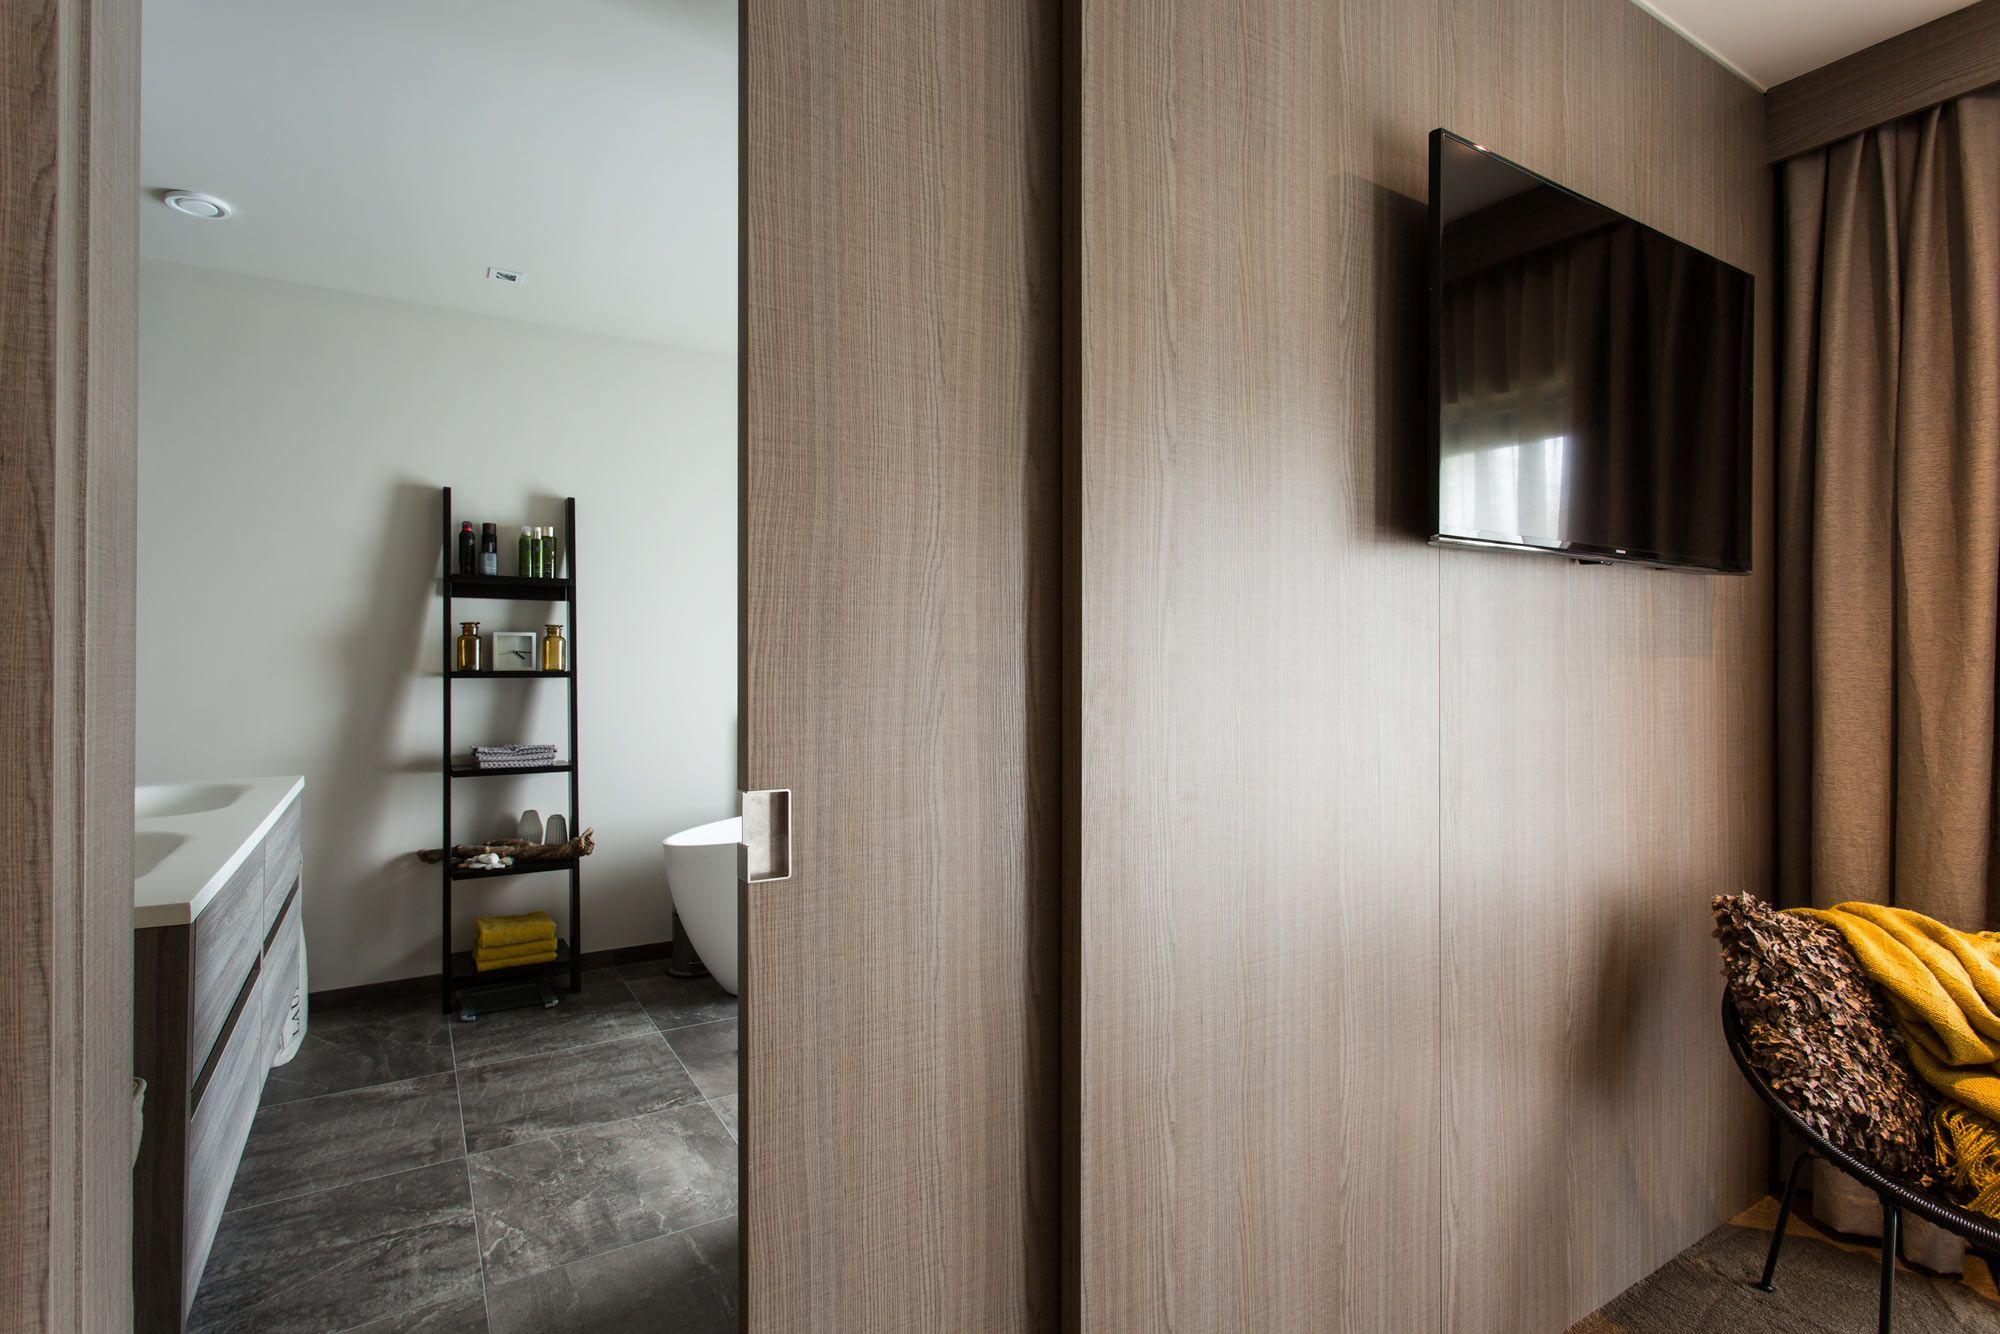 Schuifdeur In Slaapkamer : Freddy s keuken slaapkamer en schuifdeur gp interieur idee